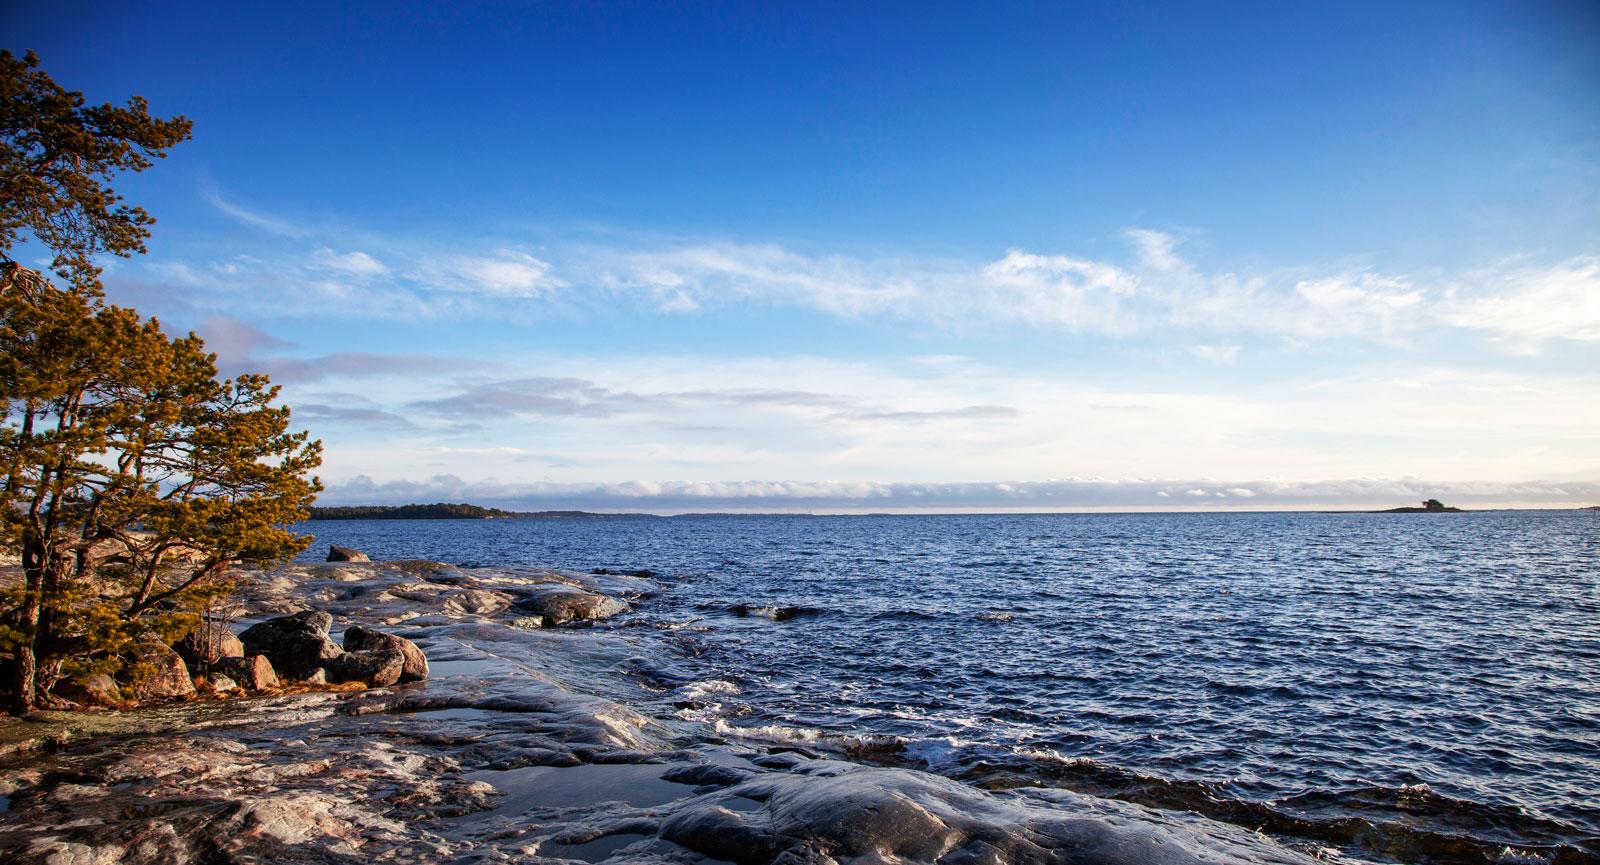 Promenera ner till vattnet och se den fria horisonten i fjärran.